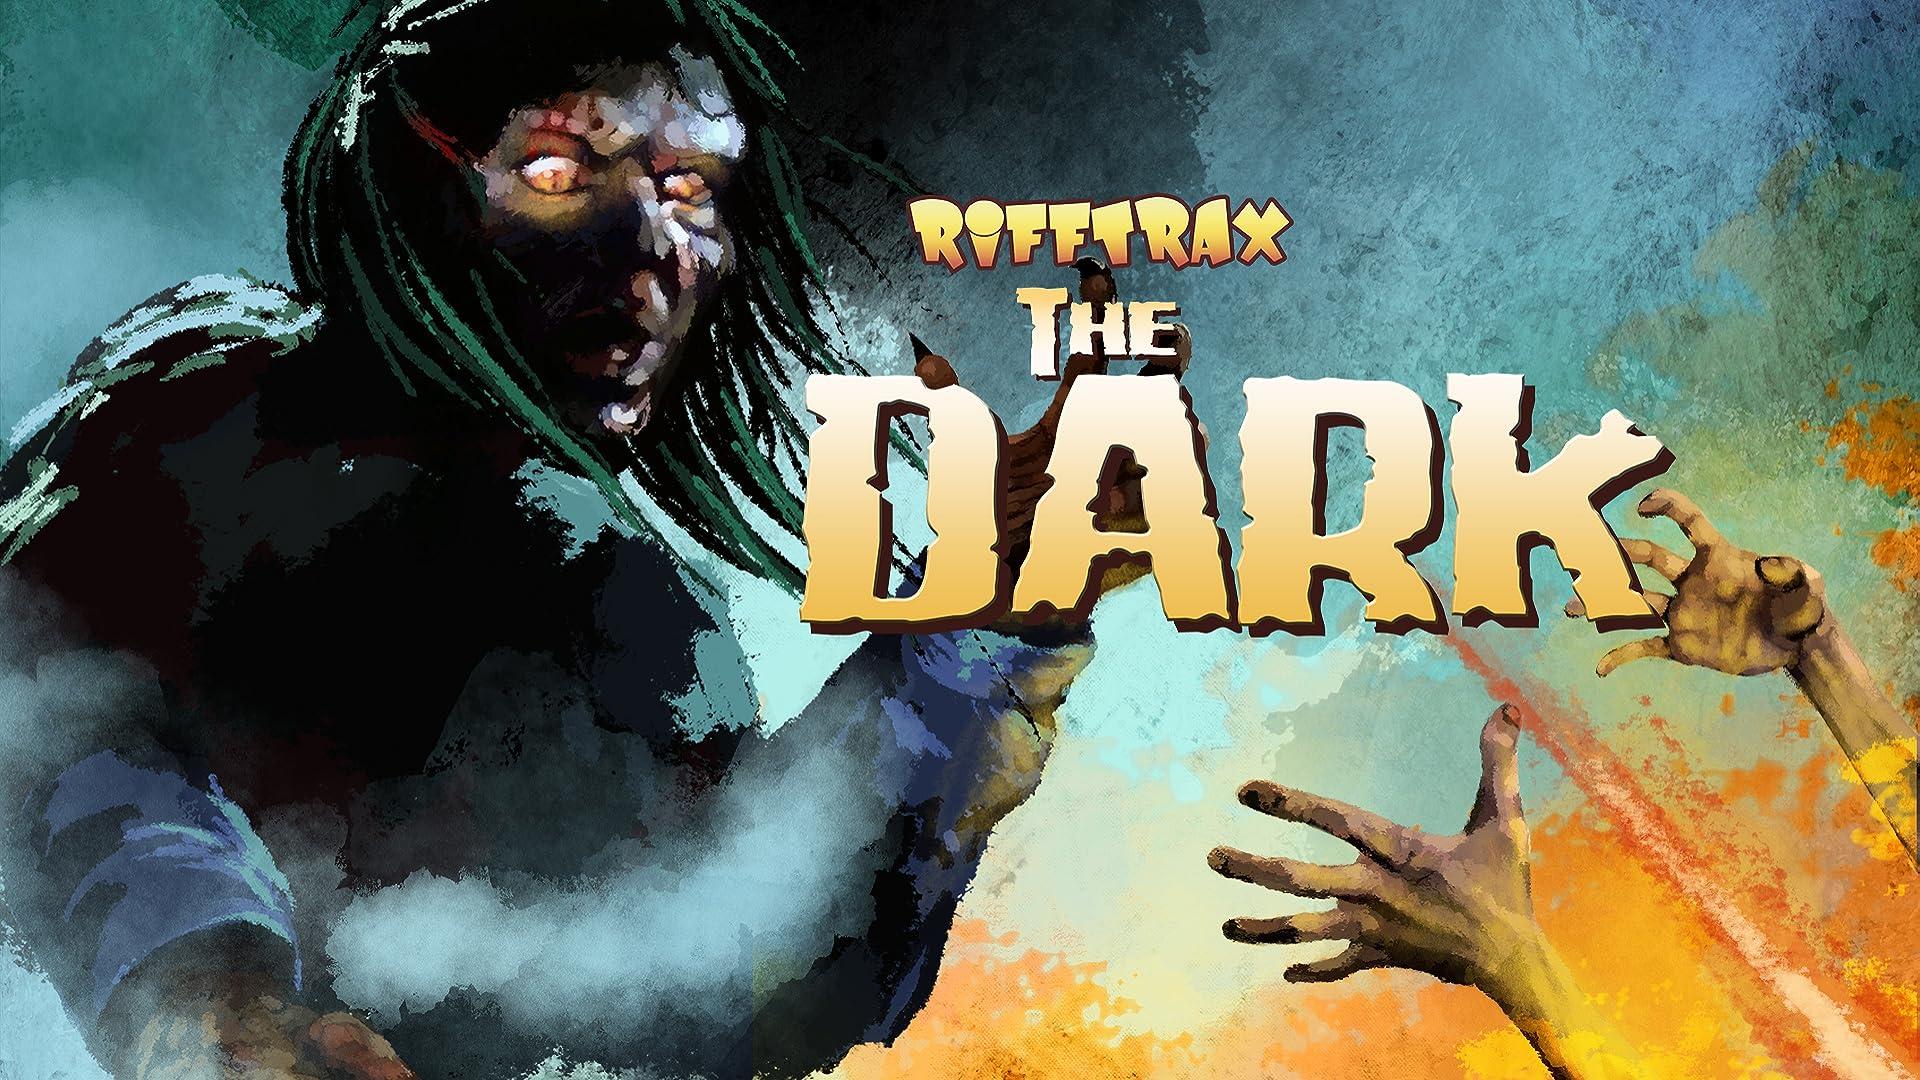 RiffTrax: The Dark